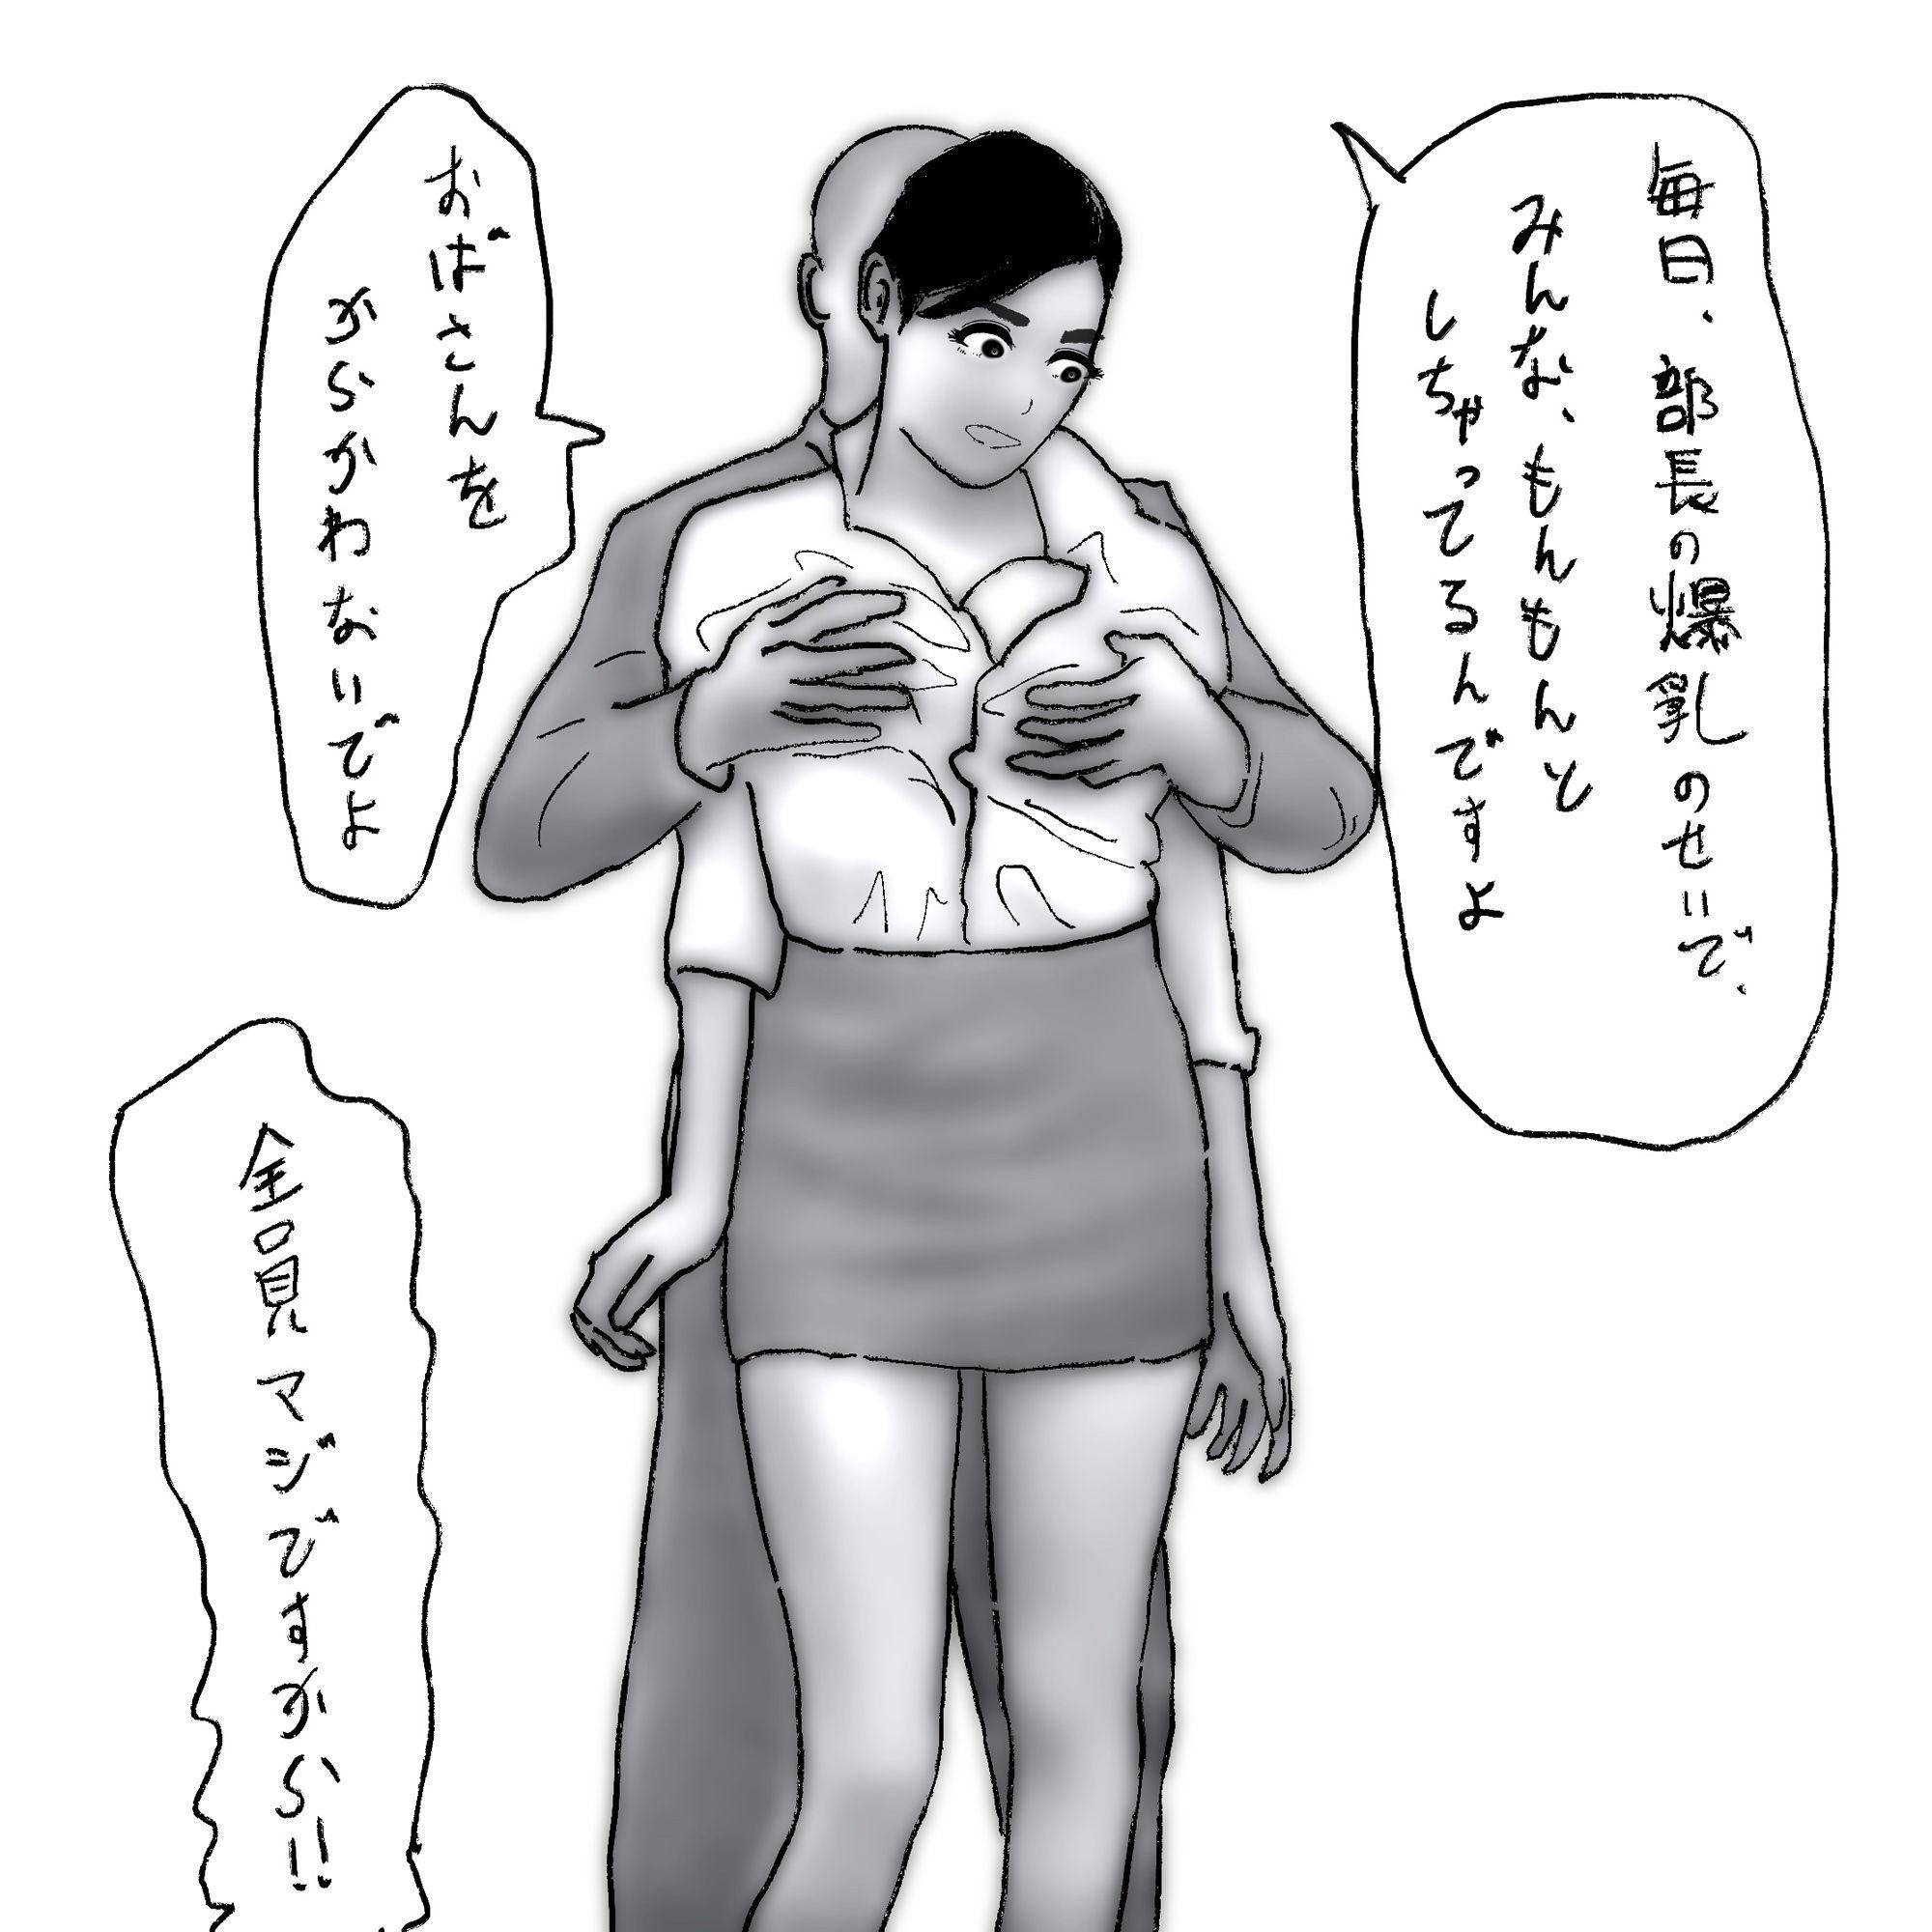 サンプル画像2:40pエロい身体なのに性に疎い女上司(48手越) [d_190378]